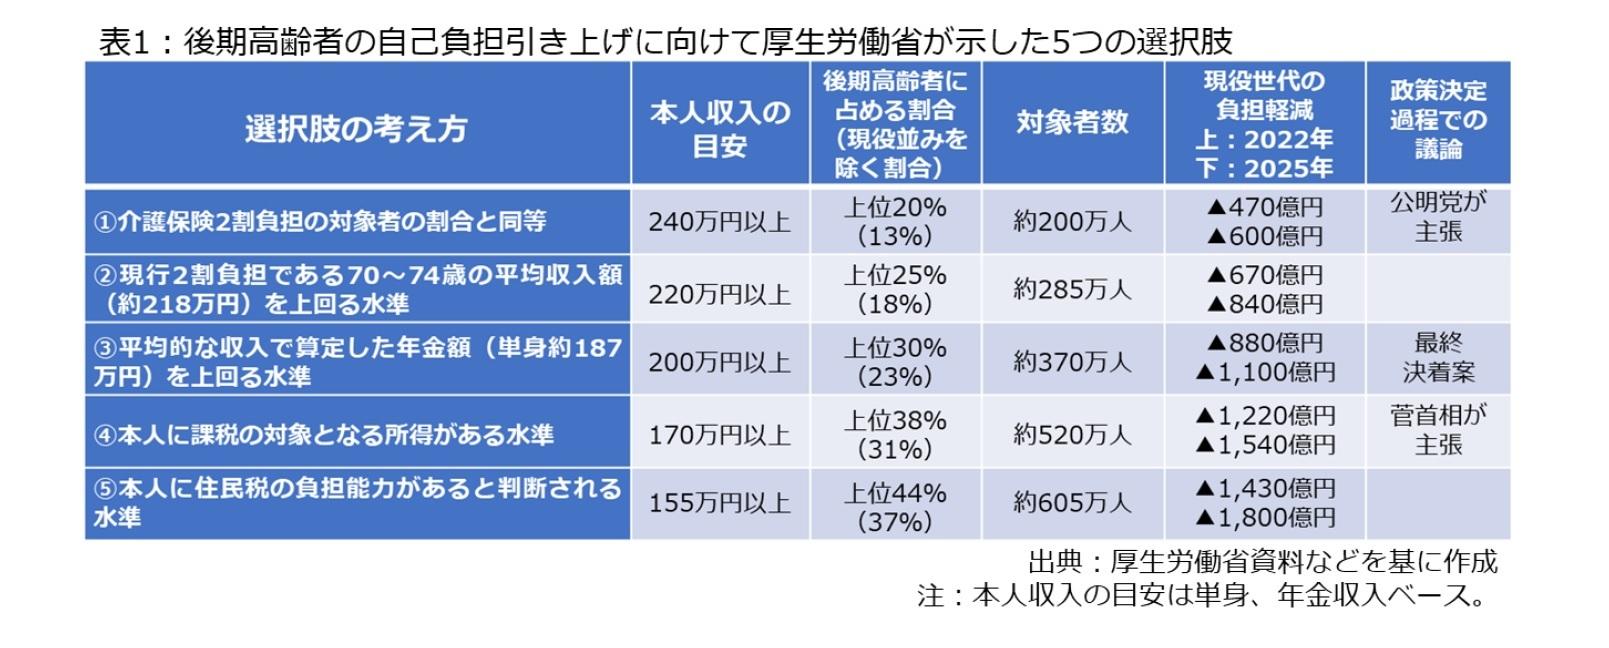 表1:後期高齢者の自己負担引き上げに向けて厚生労働省が示した5つの選択肢